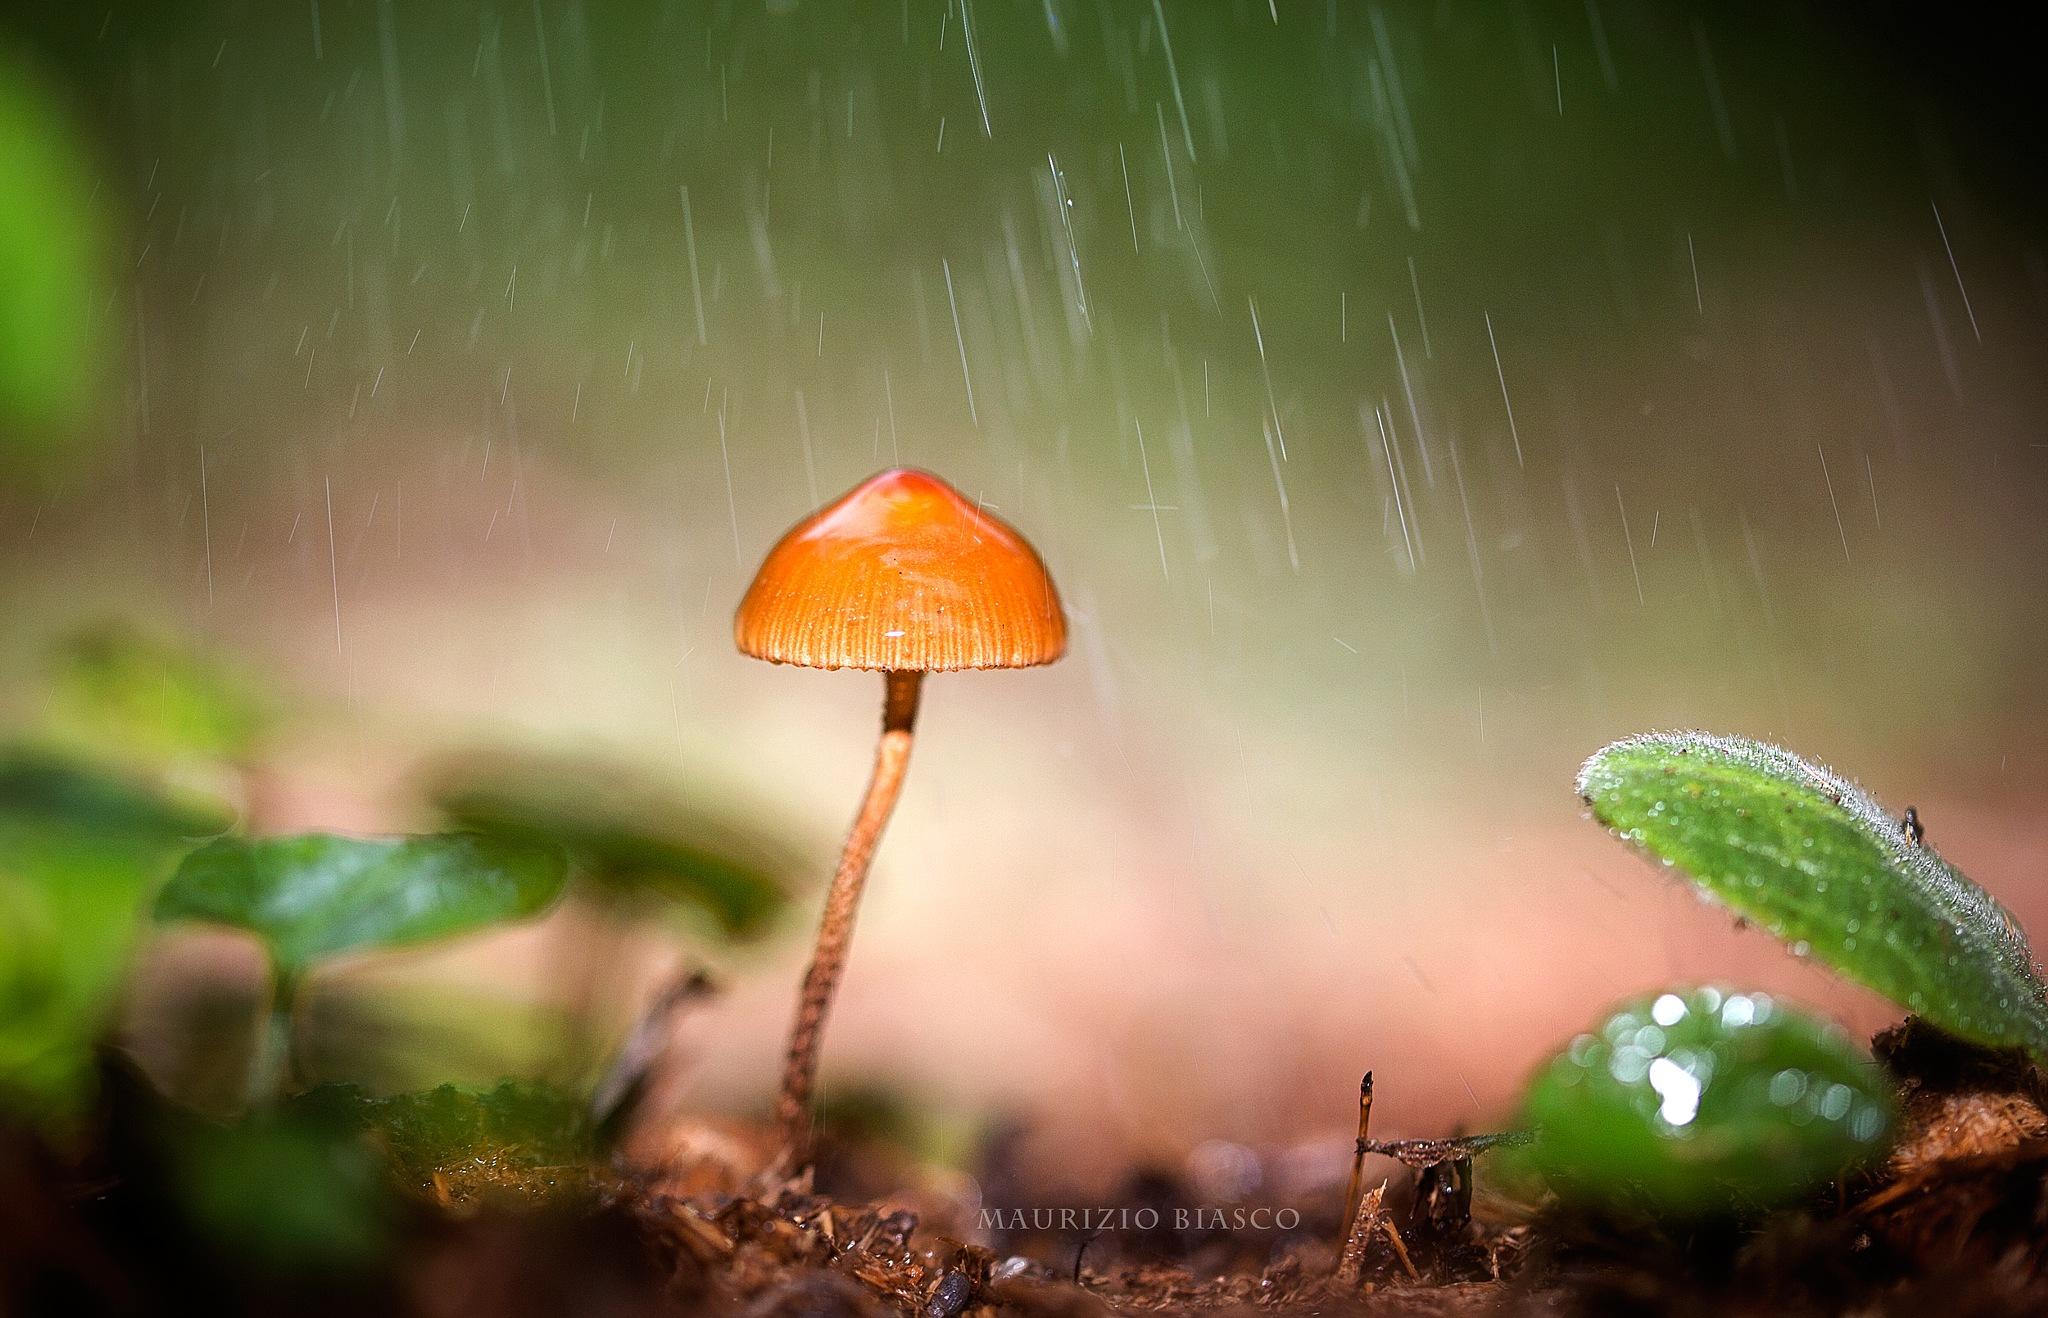 RAIN by mauriziobiasco